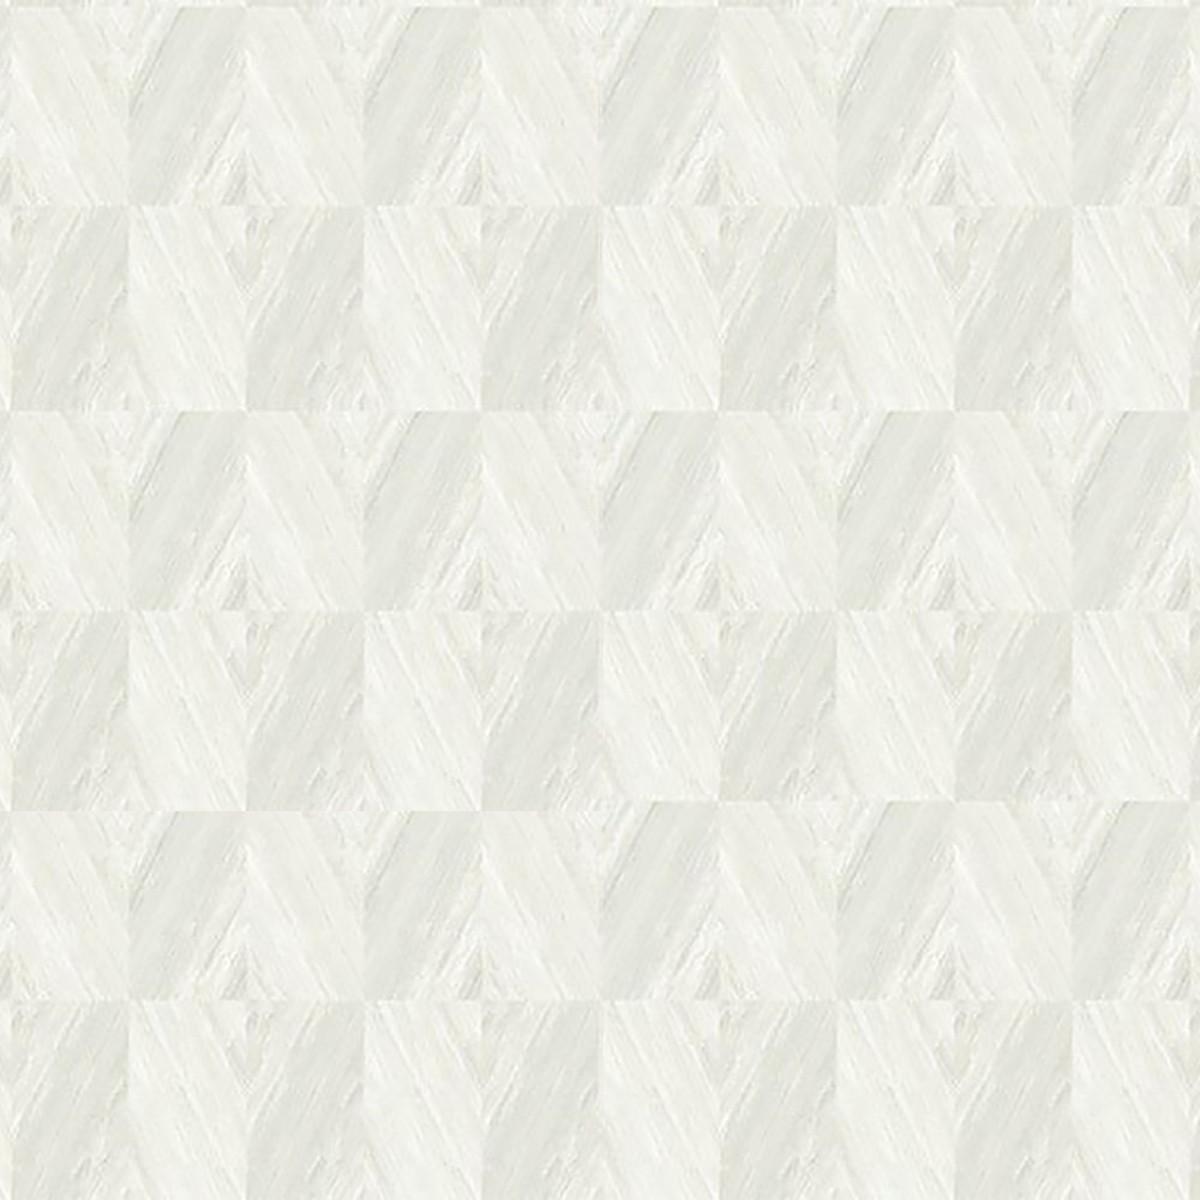 Обои виниловые Gaenari серые 1.06 м 87375-1